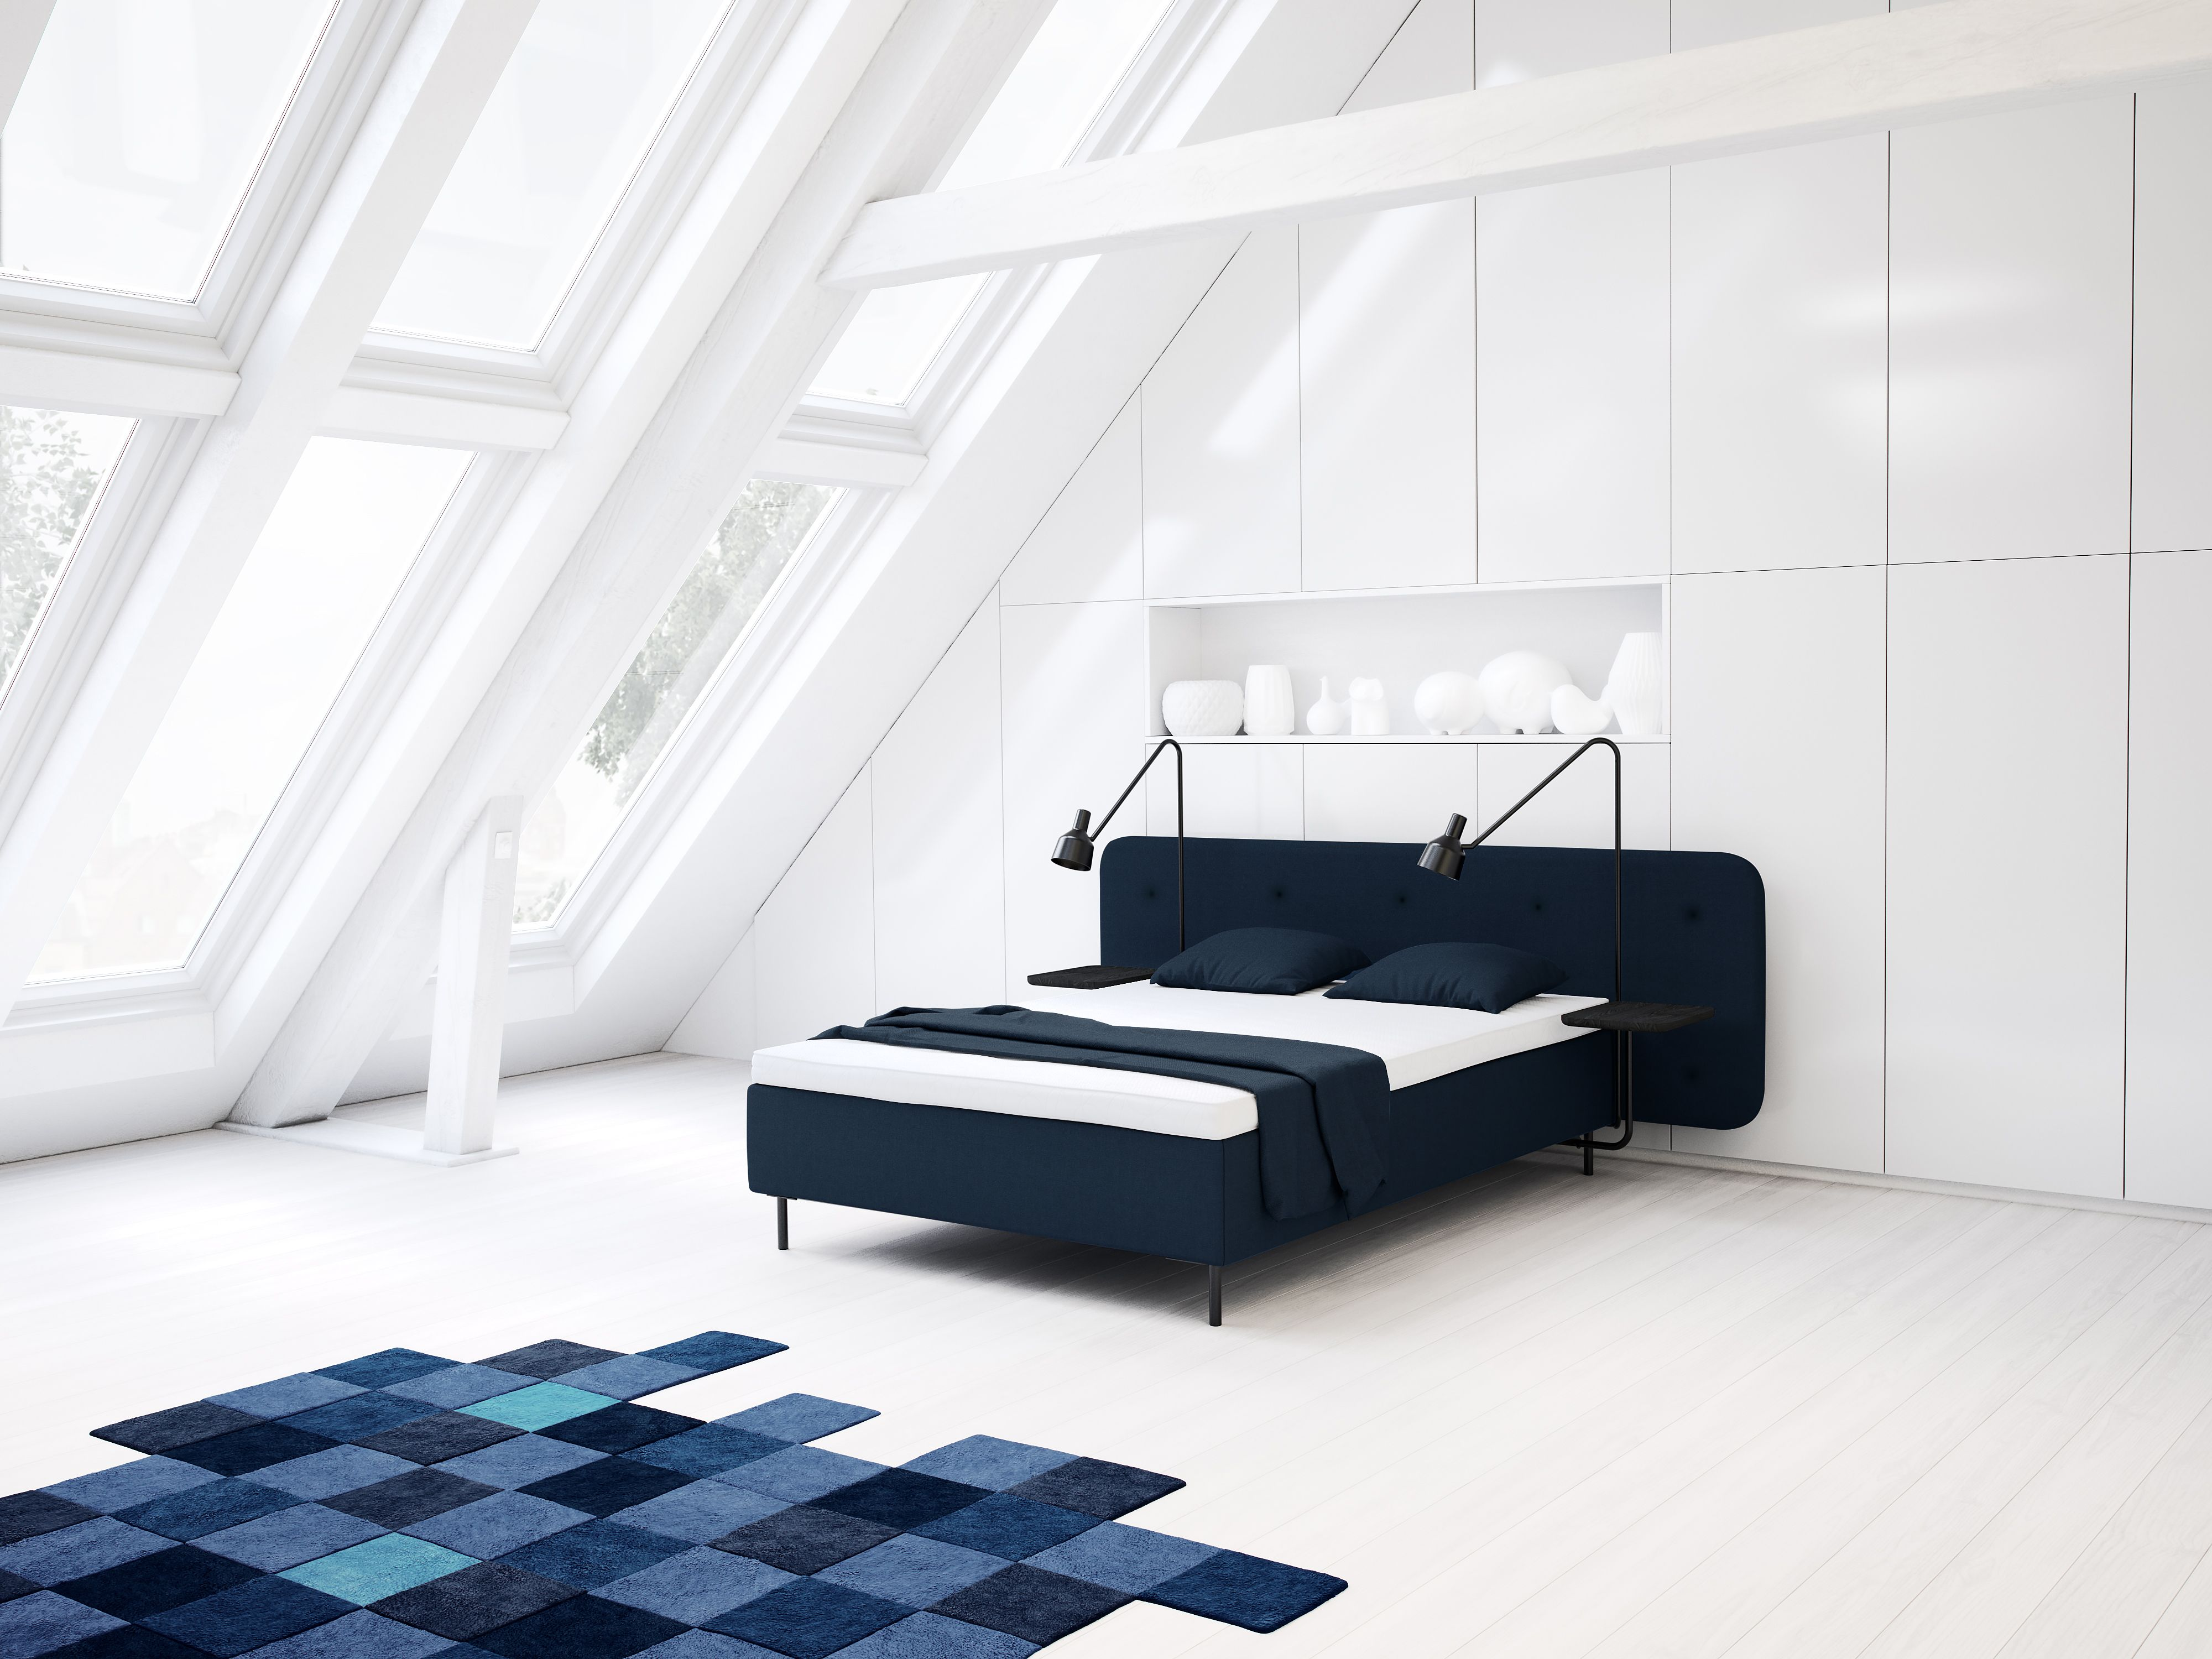 Bett Jensen Nordic Line Supreme Jensen Betten Bett Bett Ideen